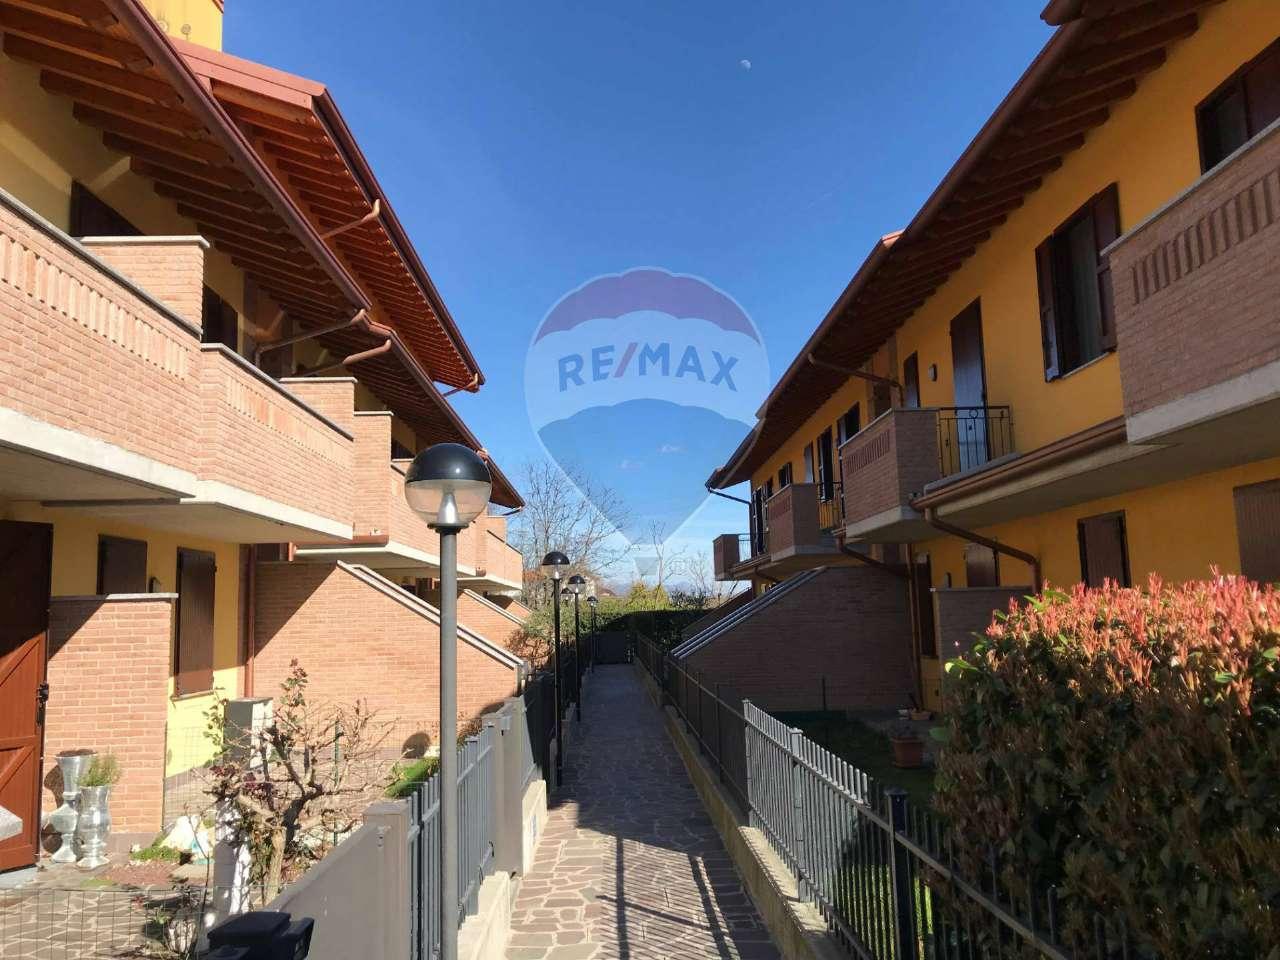 Appartamento in vendita a Bonate Sopra, 2 locali, prezzo € 83.000 | PortaleAgenzieImmobiliari.it